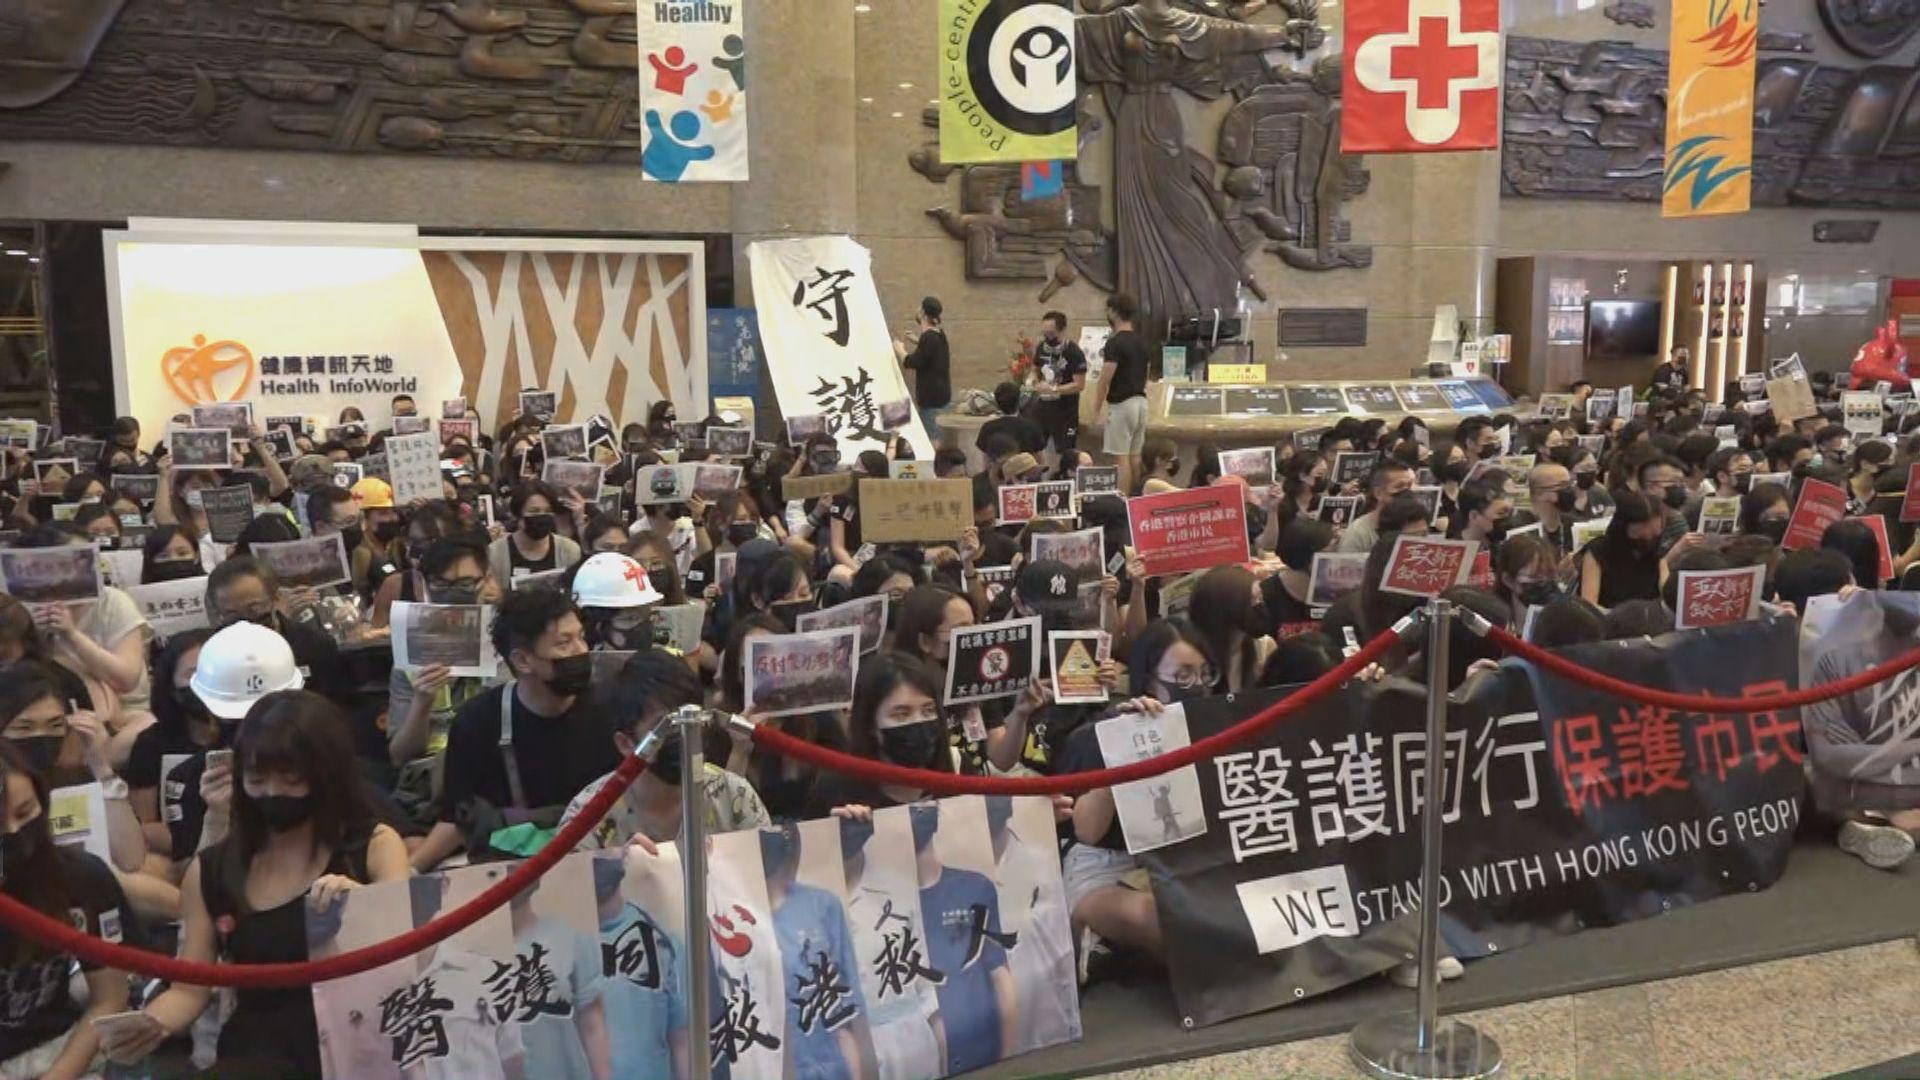 幾百名醫護於醫管局大樓集會抗議警濫捕